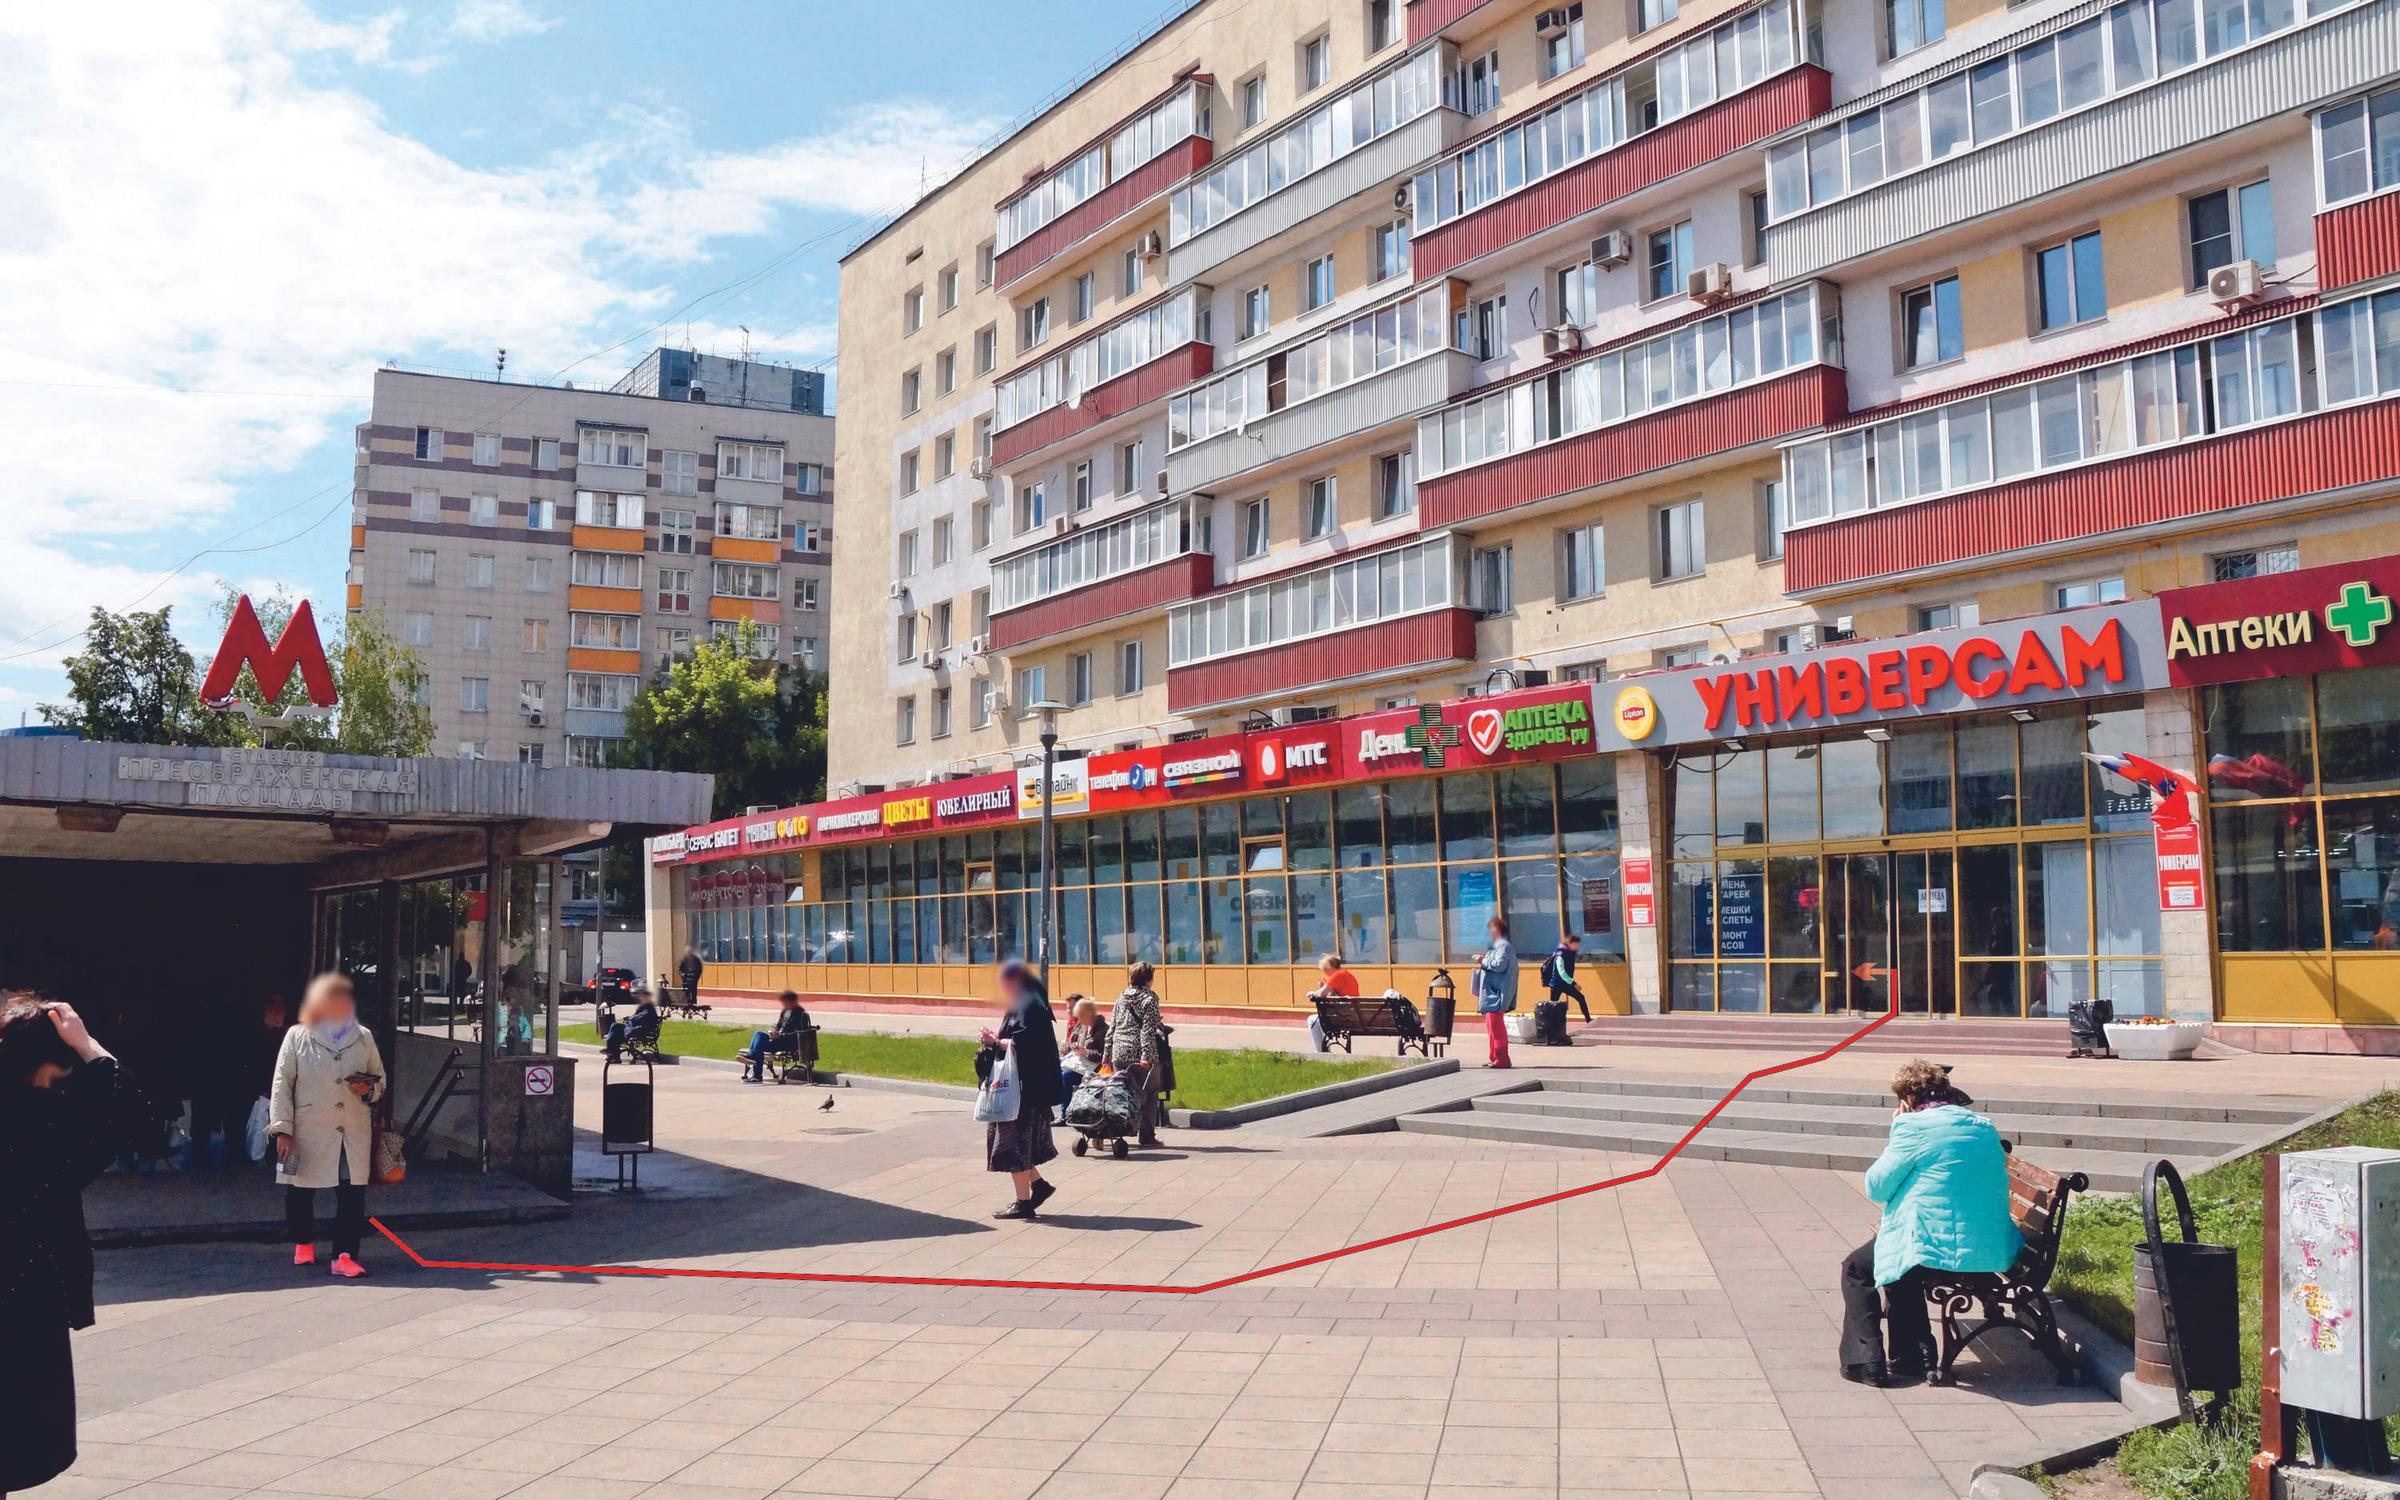 фотография Фото-копировальный центр на Большой Черкизовской улице